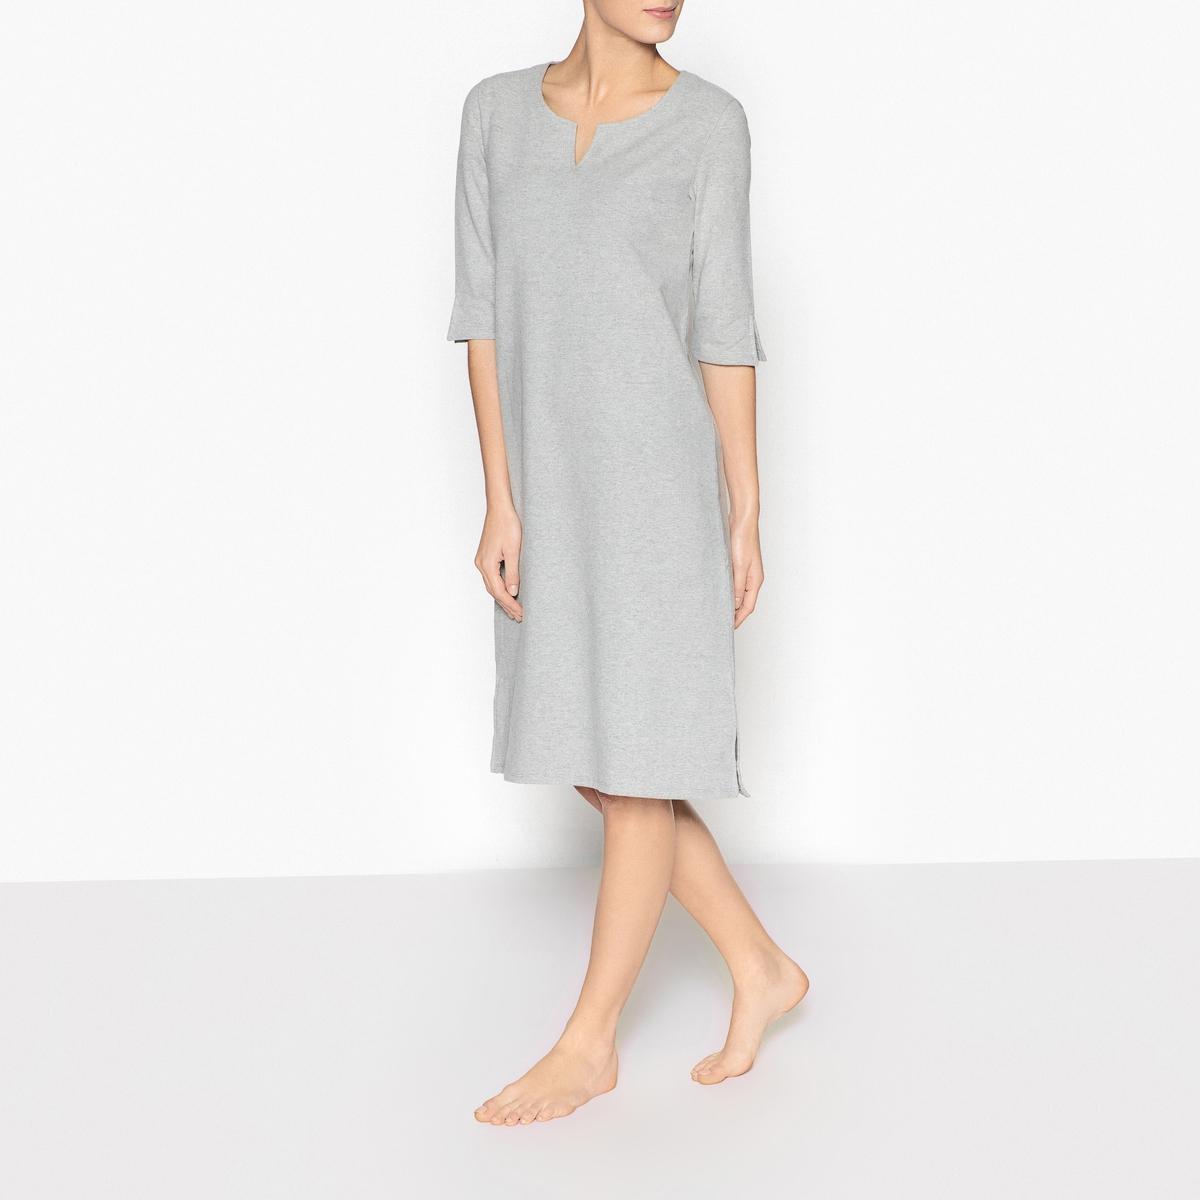 Ночная рубашкаОписание:Очень мягкая ночная рубашка из мольтона, вам будет невероятно косфортно в ней с наступлением вечера . Оригинальная форма .Детали изделия •  Стильная ночная рубашка   •  Круглый вырез с выемкой  . •  Рукава 3/4 со шлицей . •  Шлица снизу по бокам . •  Длина : 110 см.Состав и уход •  Материал : 80% хлопка, 15% вискозы, 5% эластана. •  Машинная стирка при 40°C в деликатном режиме. •  Стирать с вещами схожих цветов. •  Стирать и гладить с изнаночной стороны. •  Гладить при низкой температуре.<br><br>Цвет: серый меланж<br>Размер: 34/36 (FR) - 40/42 (RUS).50/52 (FR) - 56/58 (RUS).46/48 (FR) - 52/54 (RUS).42/44 (FR) - 48/50 (RUS)